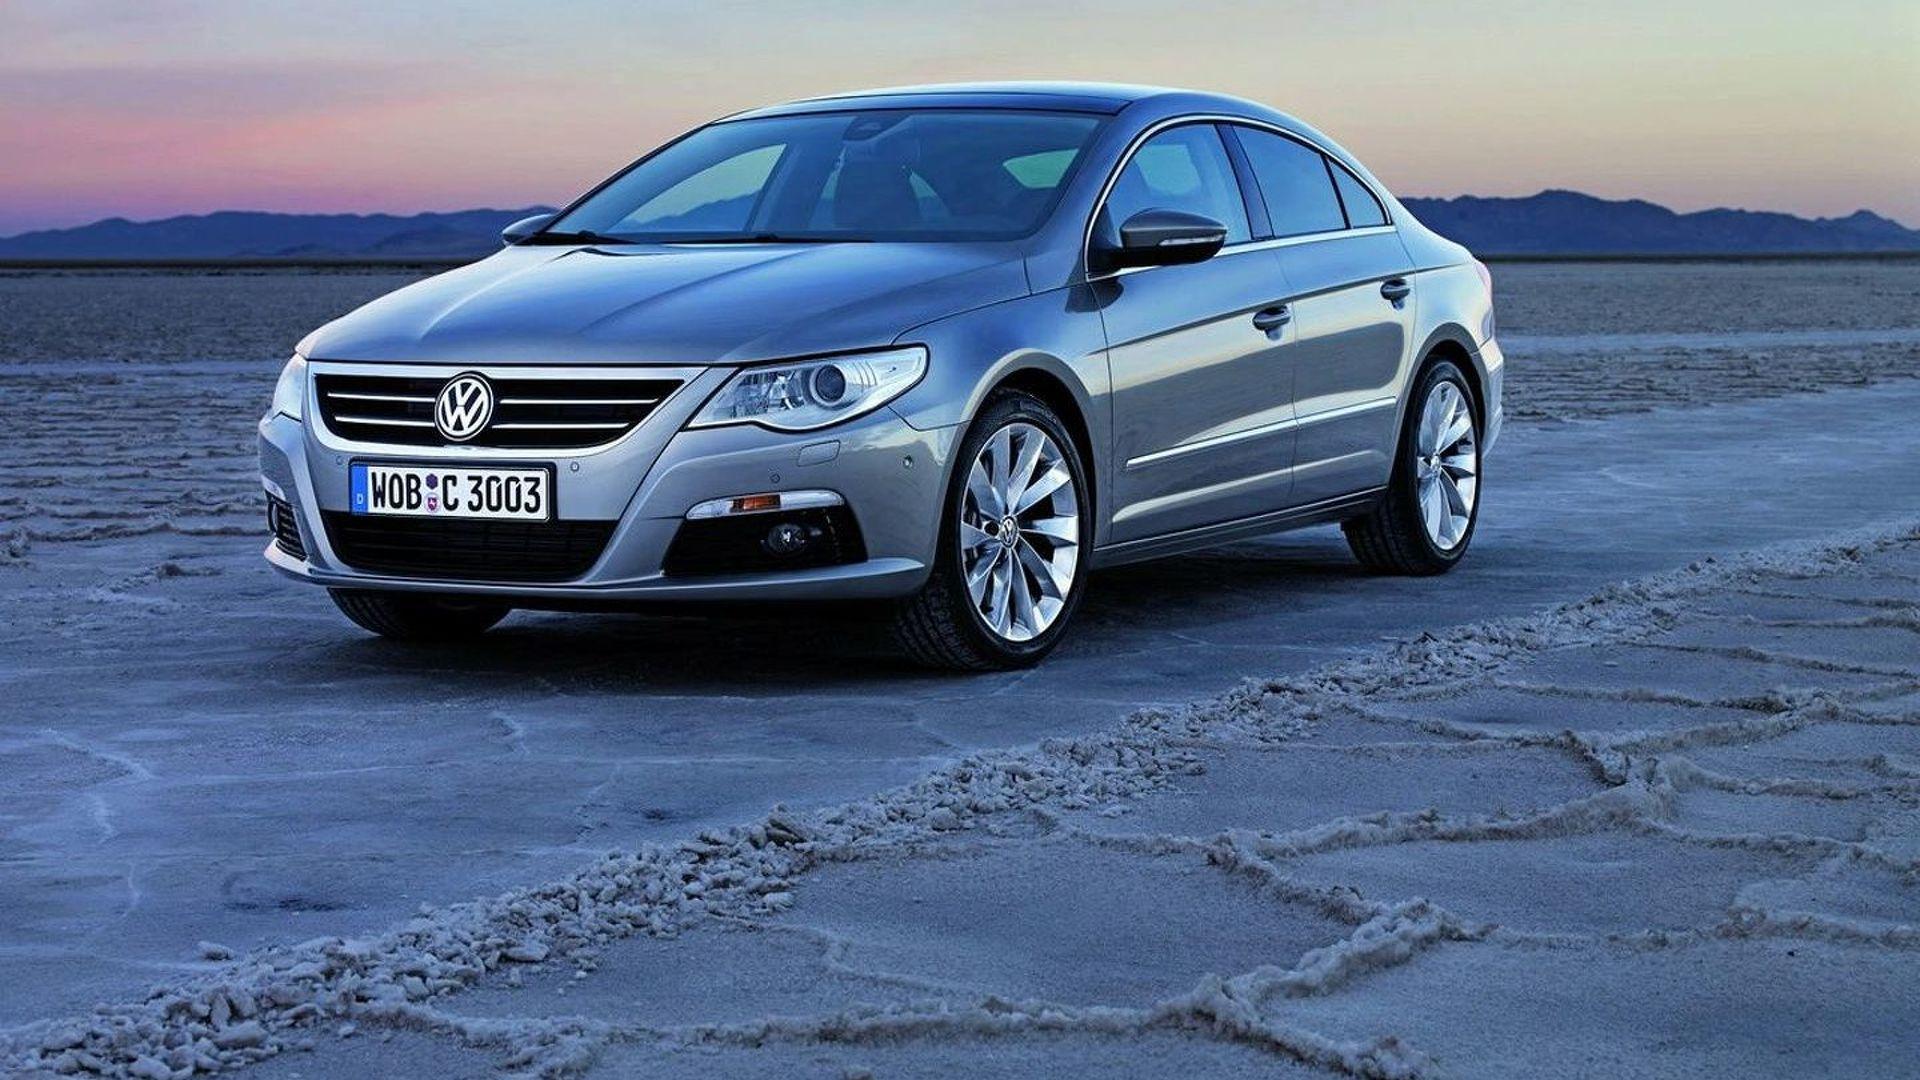 VW Passat CC US Pricing Announced